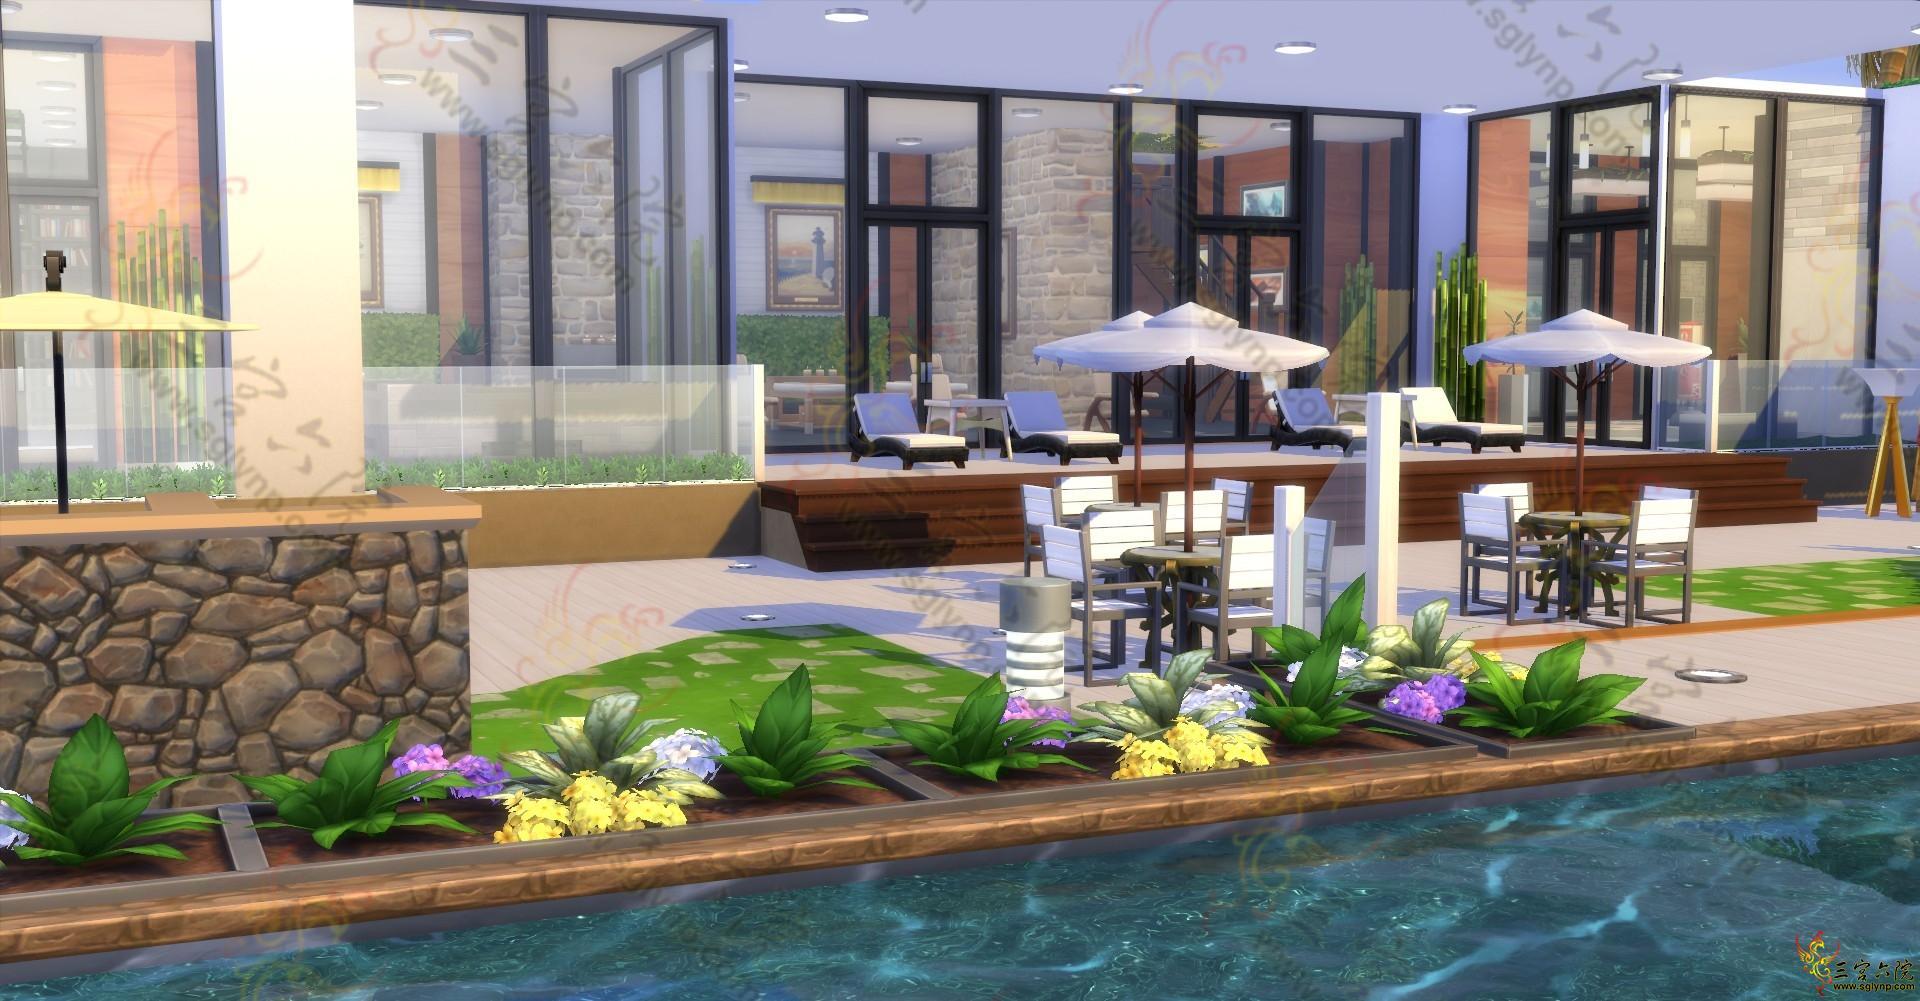 l洛杉矶豪宅 (5).png